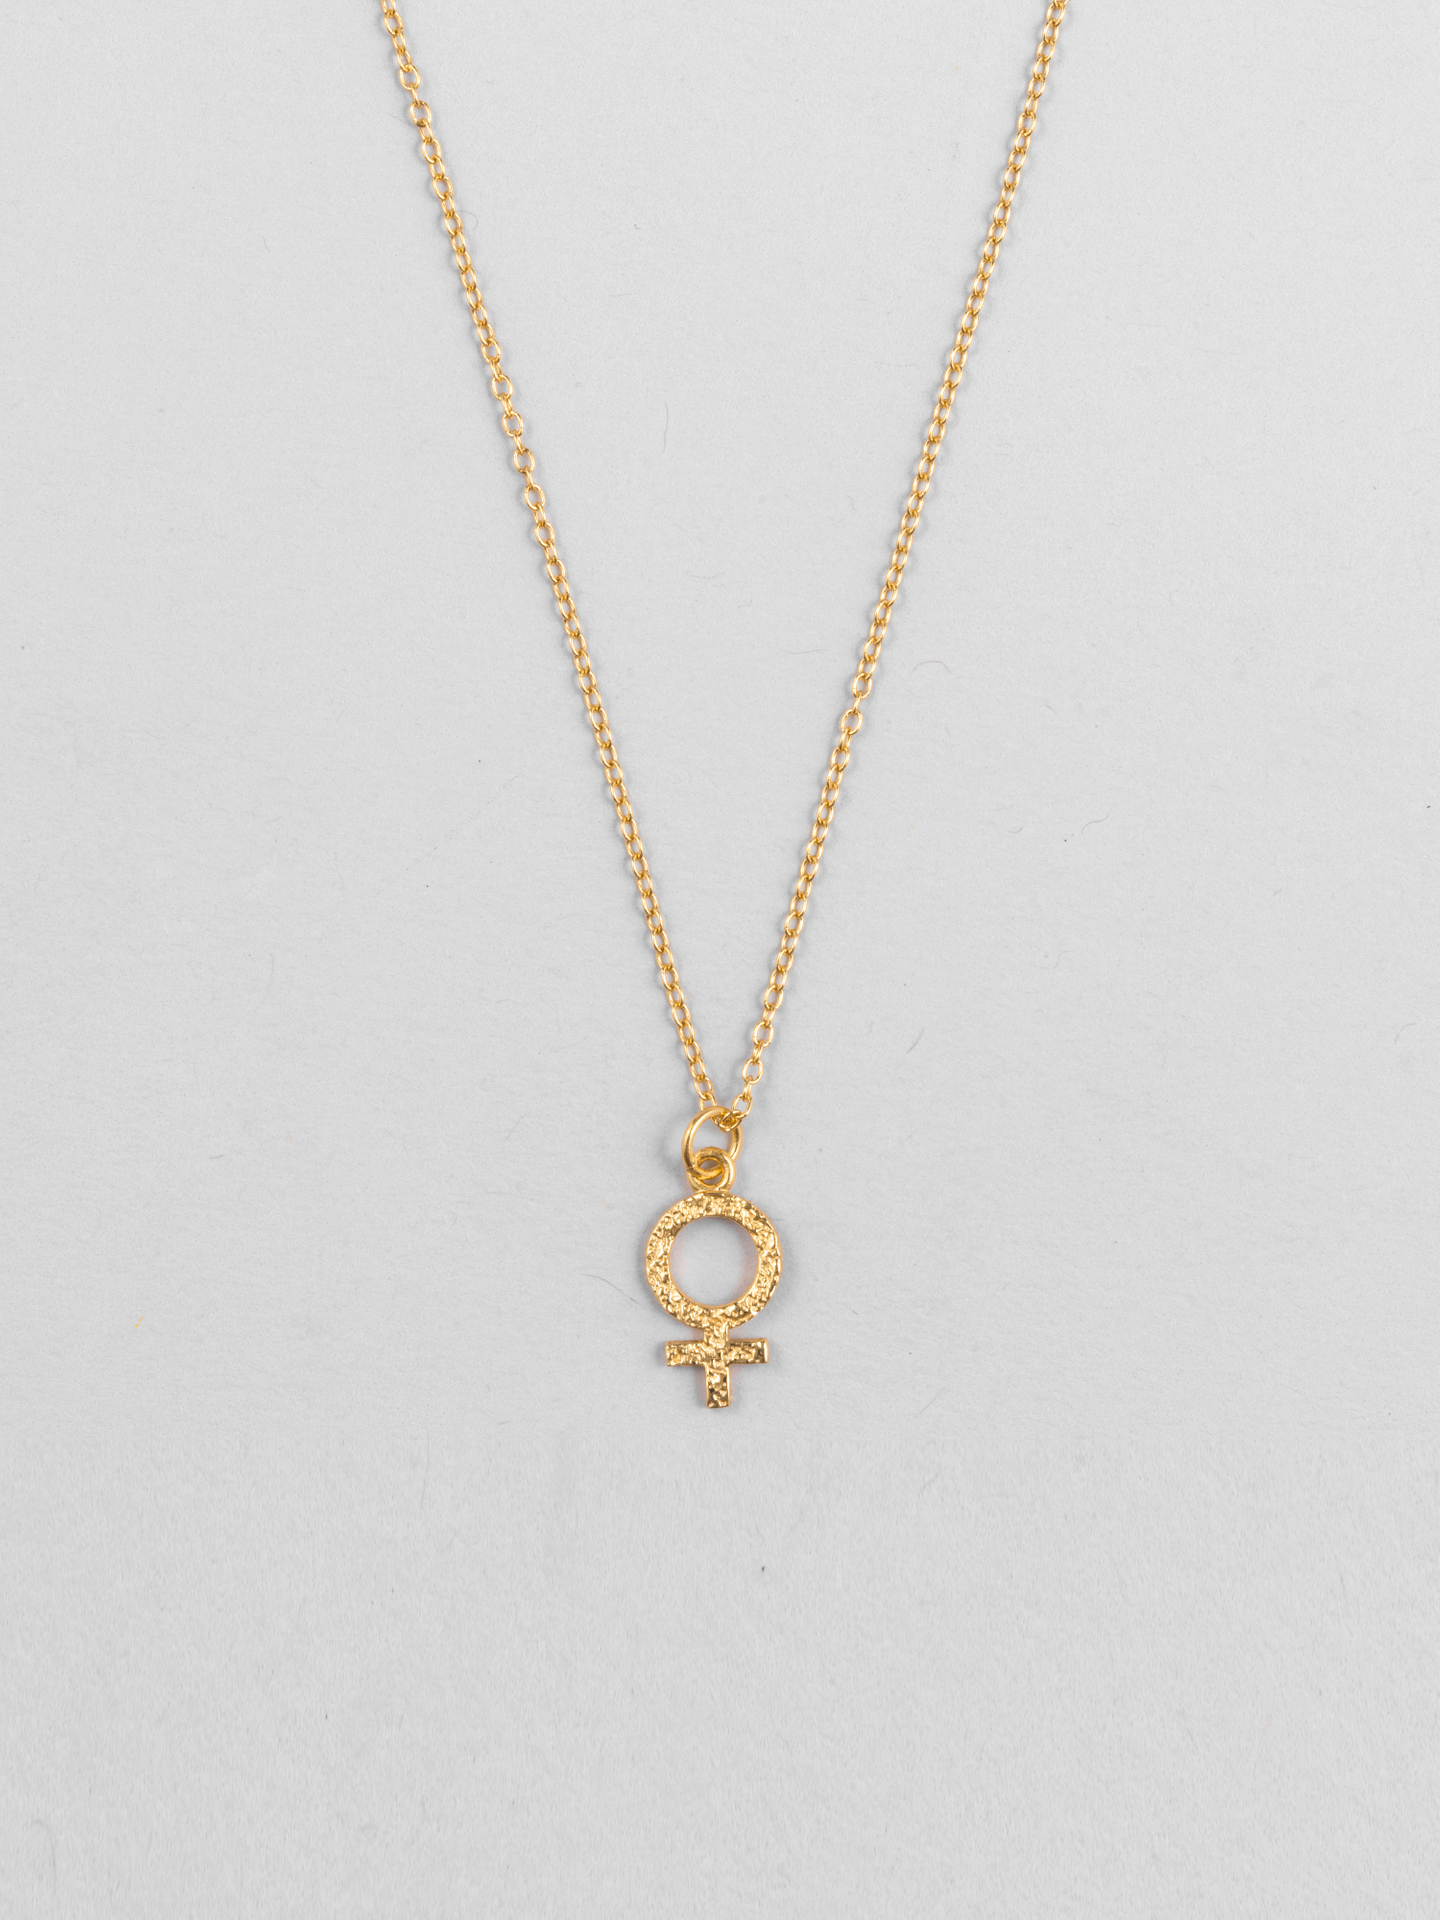 Antique Femme Necklace